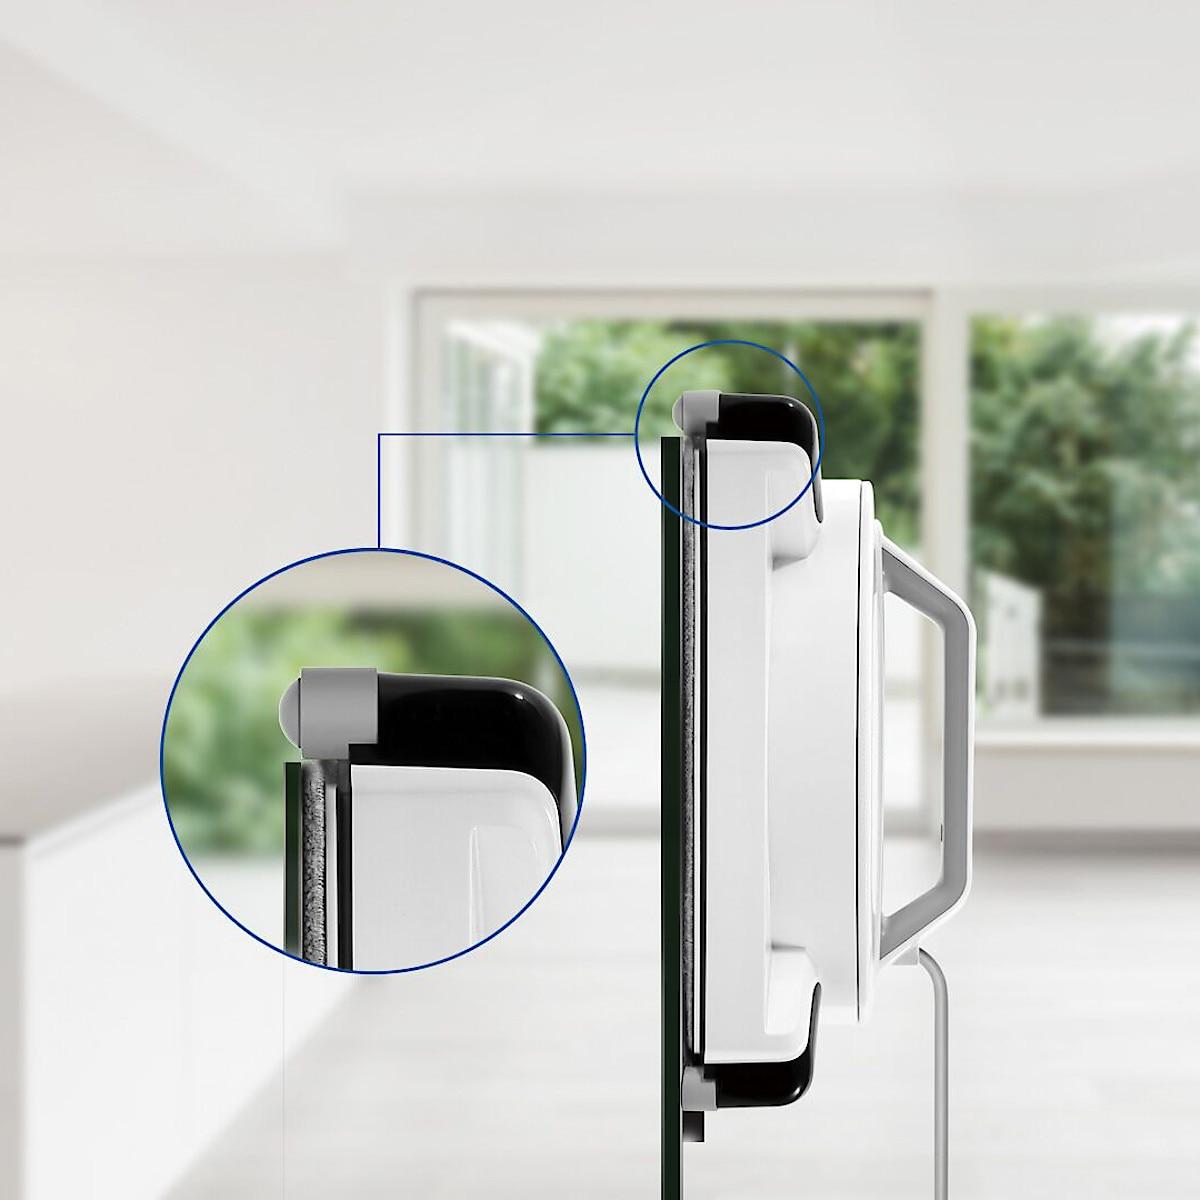 Ikkunanpesurobotti Ecovacs Winbot 950